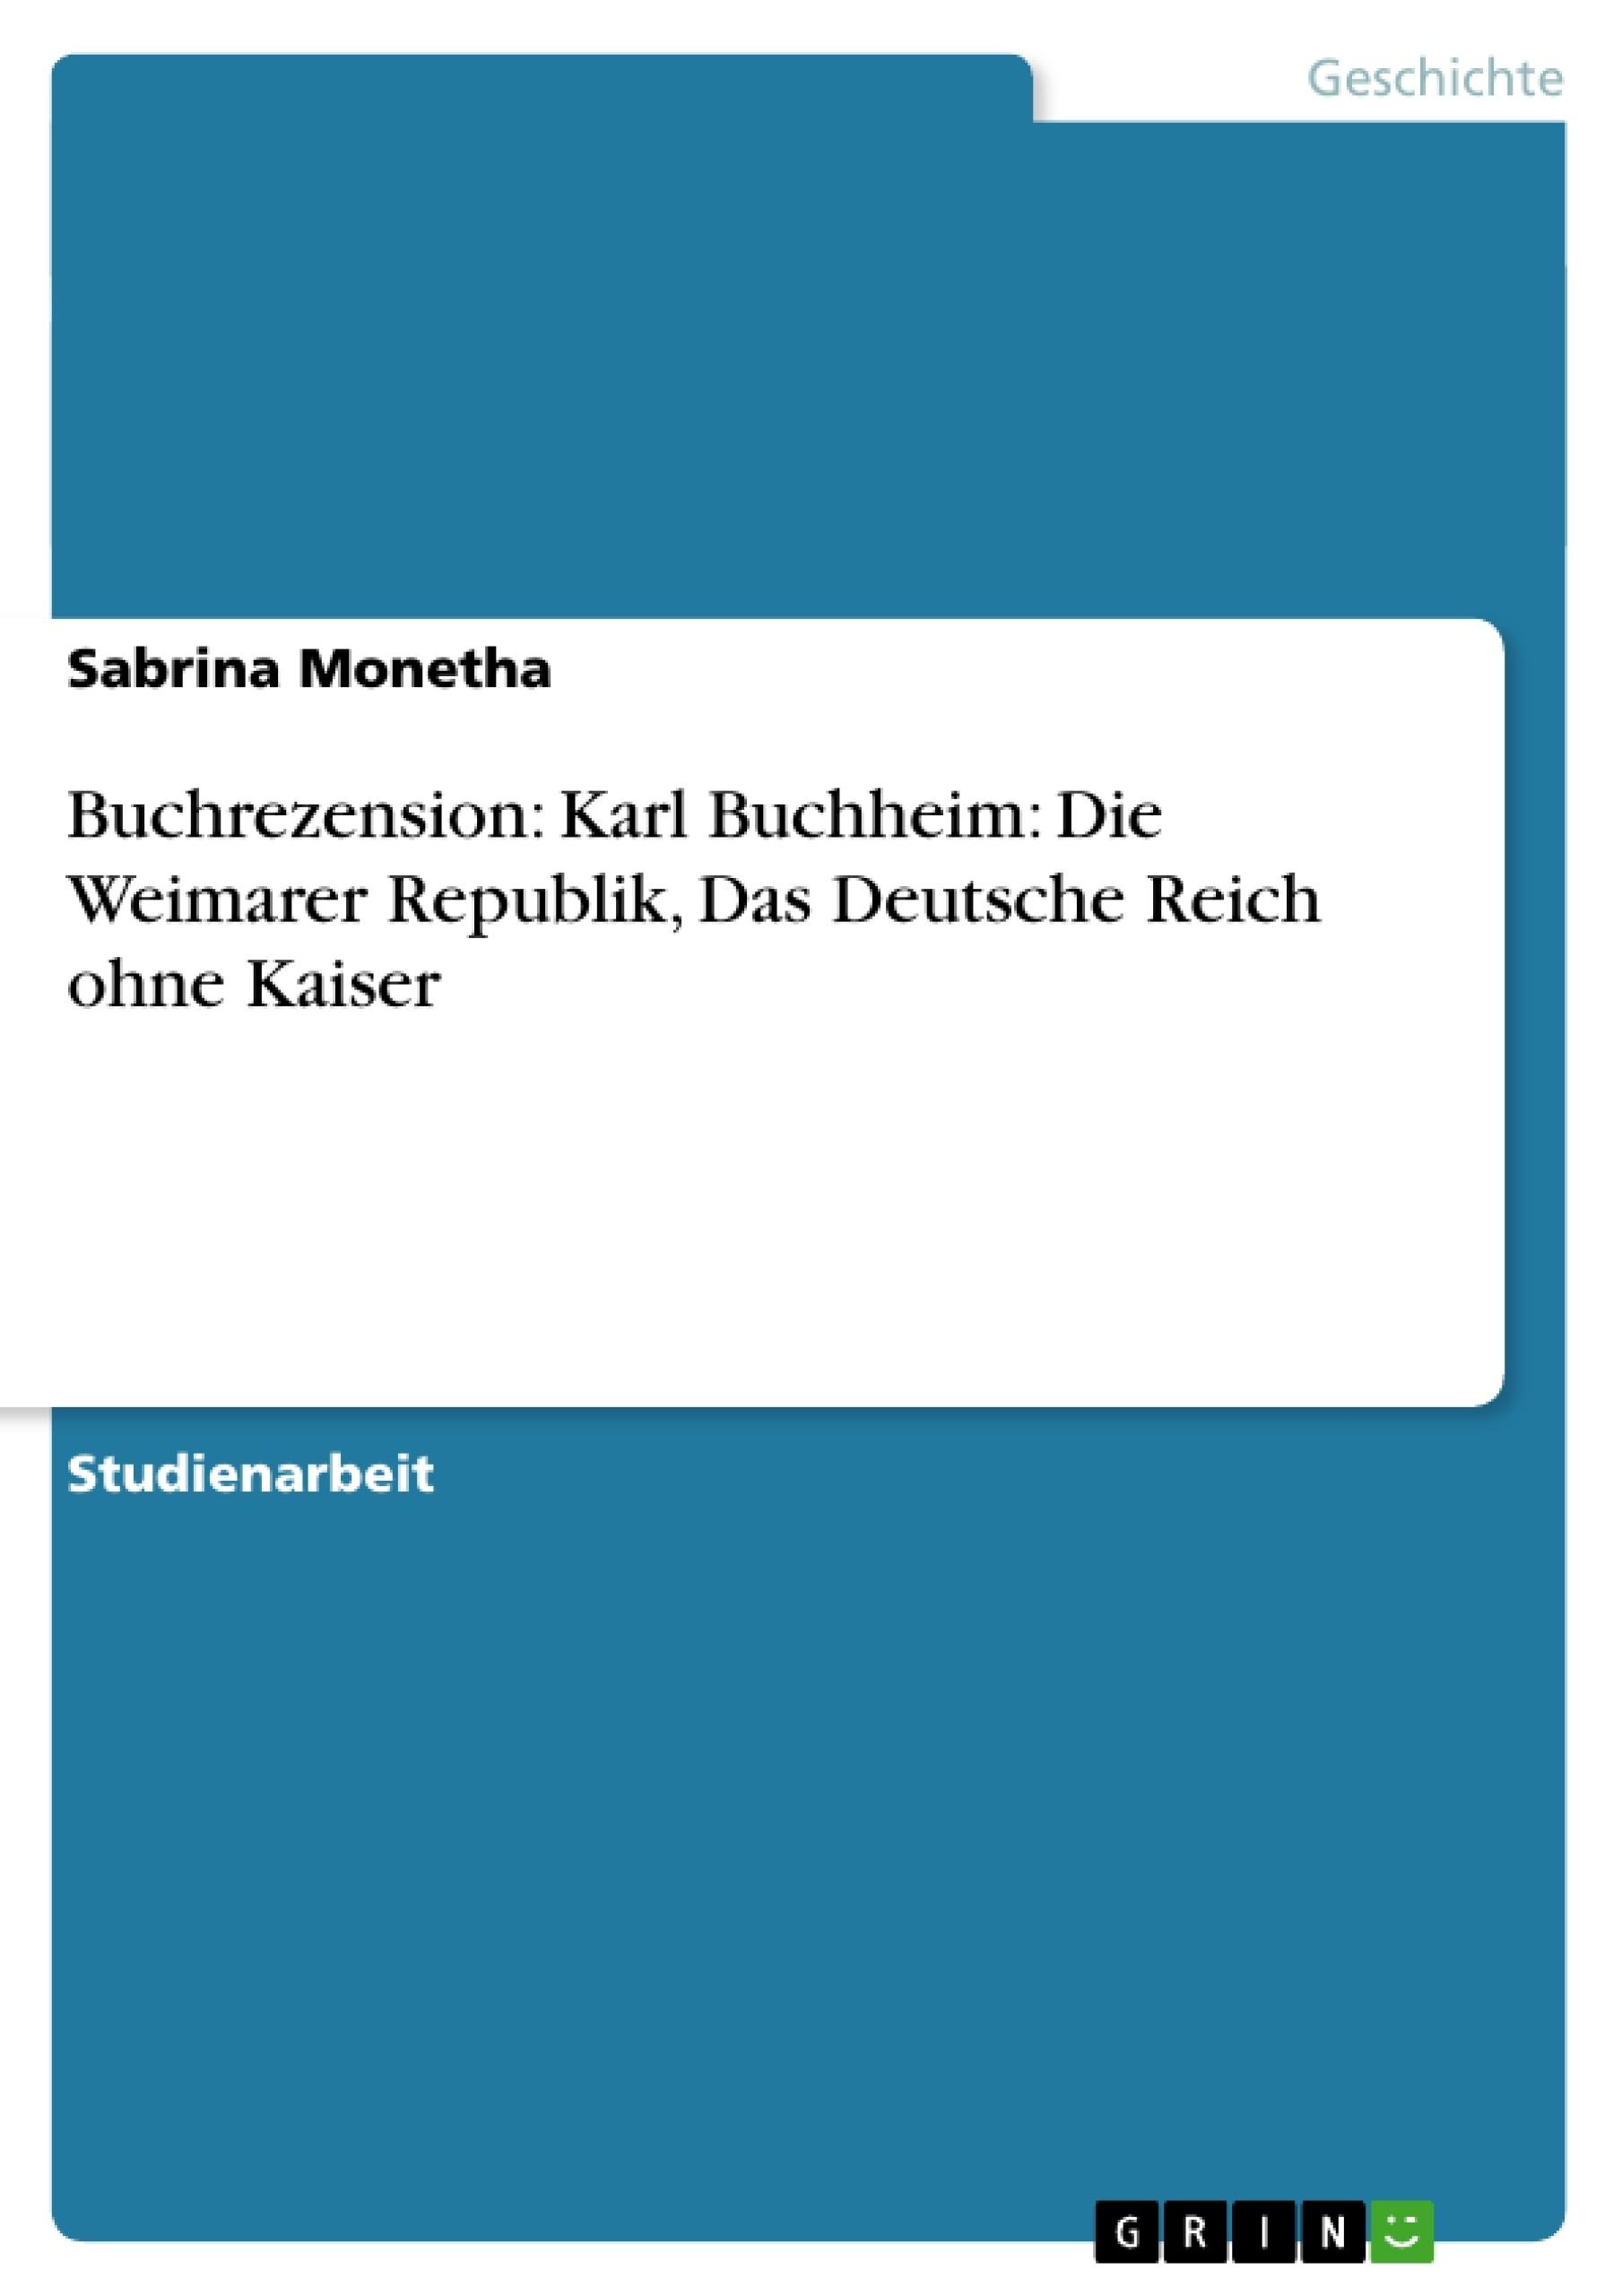 Titel: Buchrezension: Karl Buchheim: Die Weimarer Republik, Das Deutsche Reich ohne Kaiser